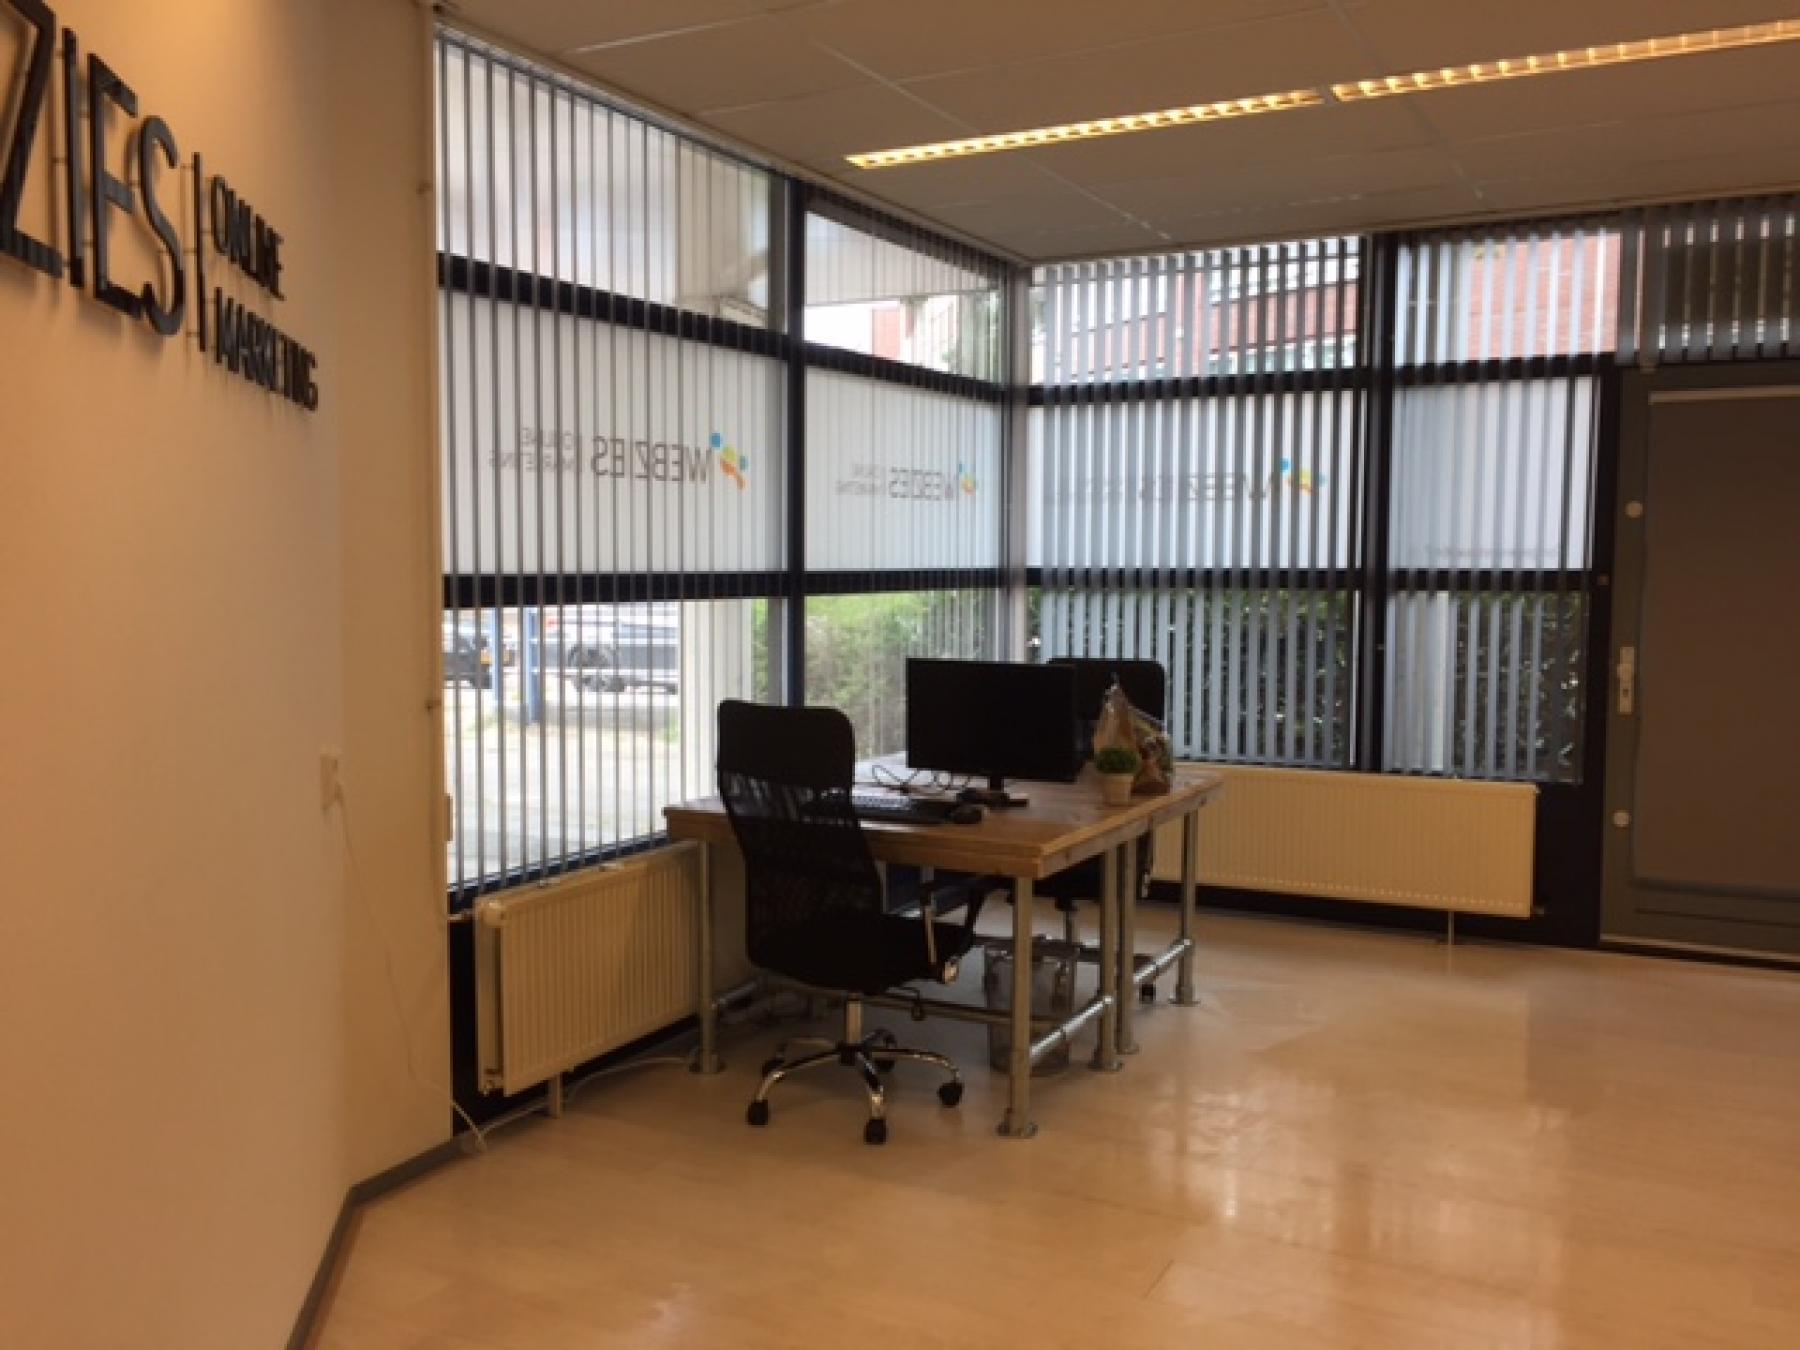 kantoorruimte webzies eindhoven gemeubileerd bedrijfsnaam muur